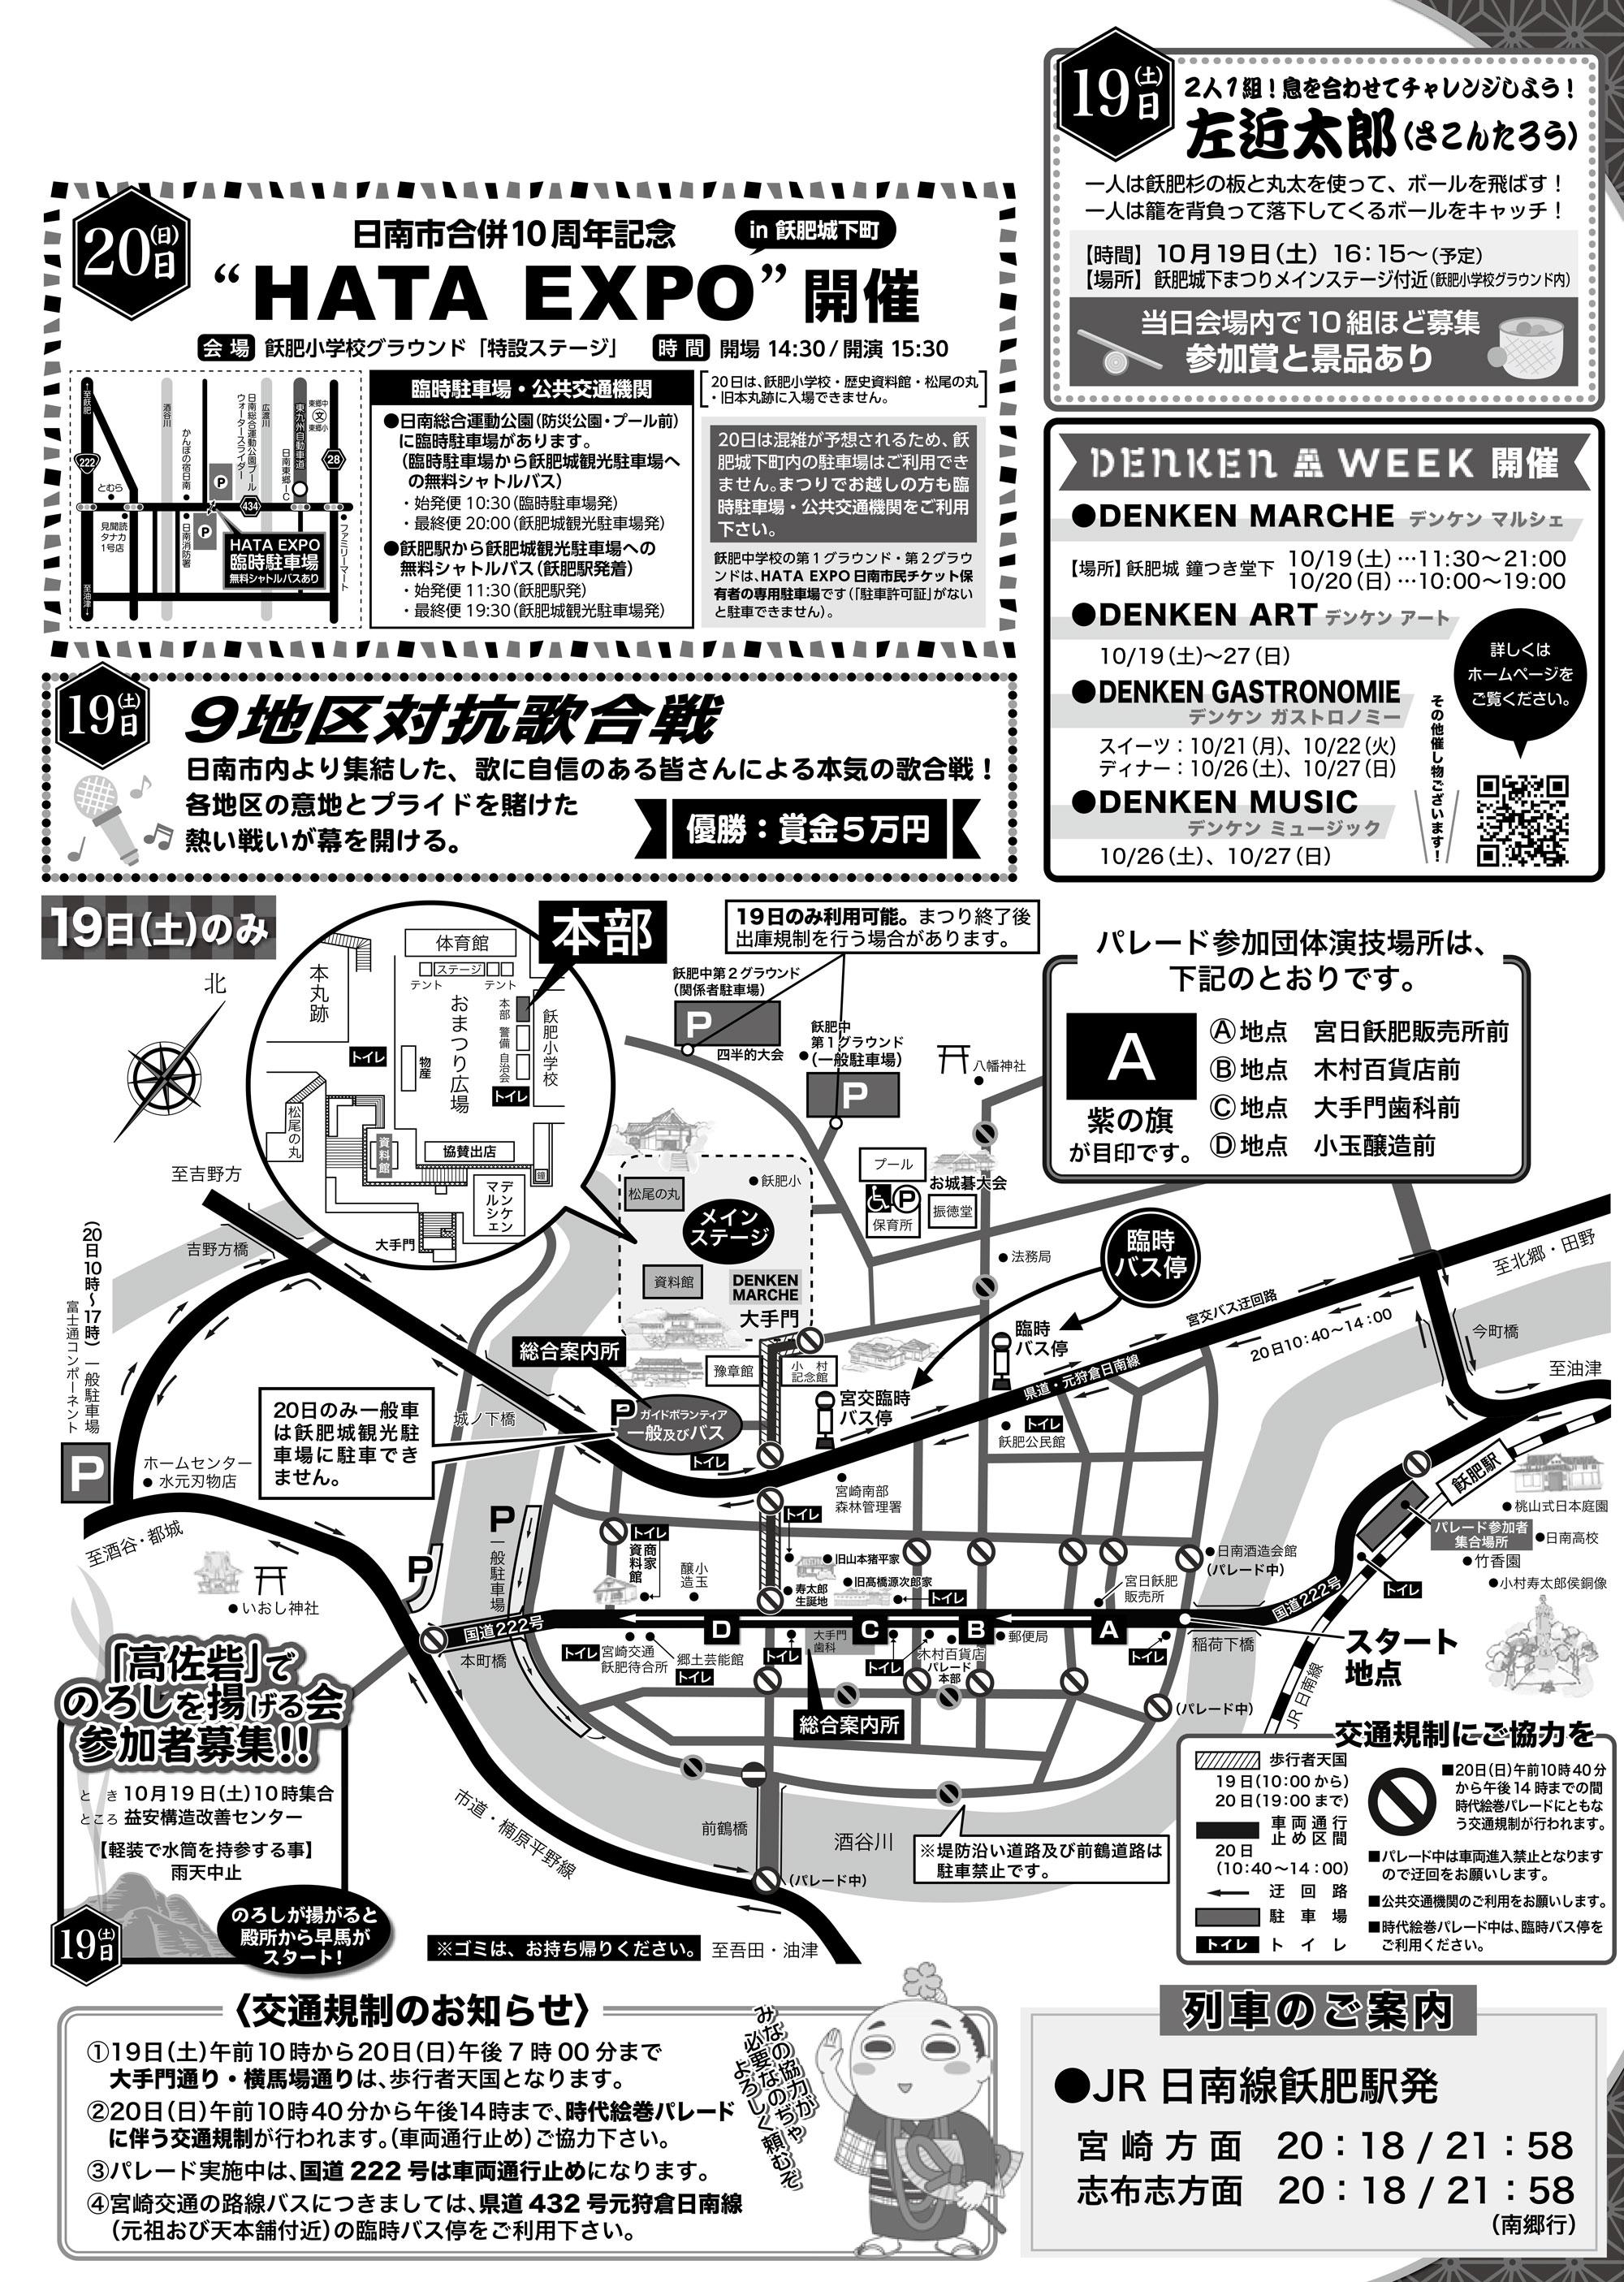 飫肥城下まつりイベント・交通規制